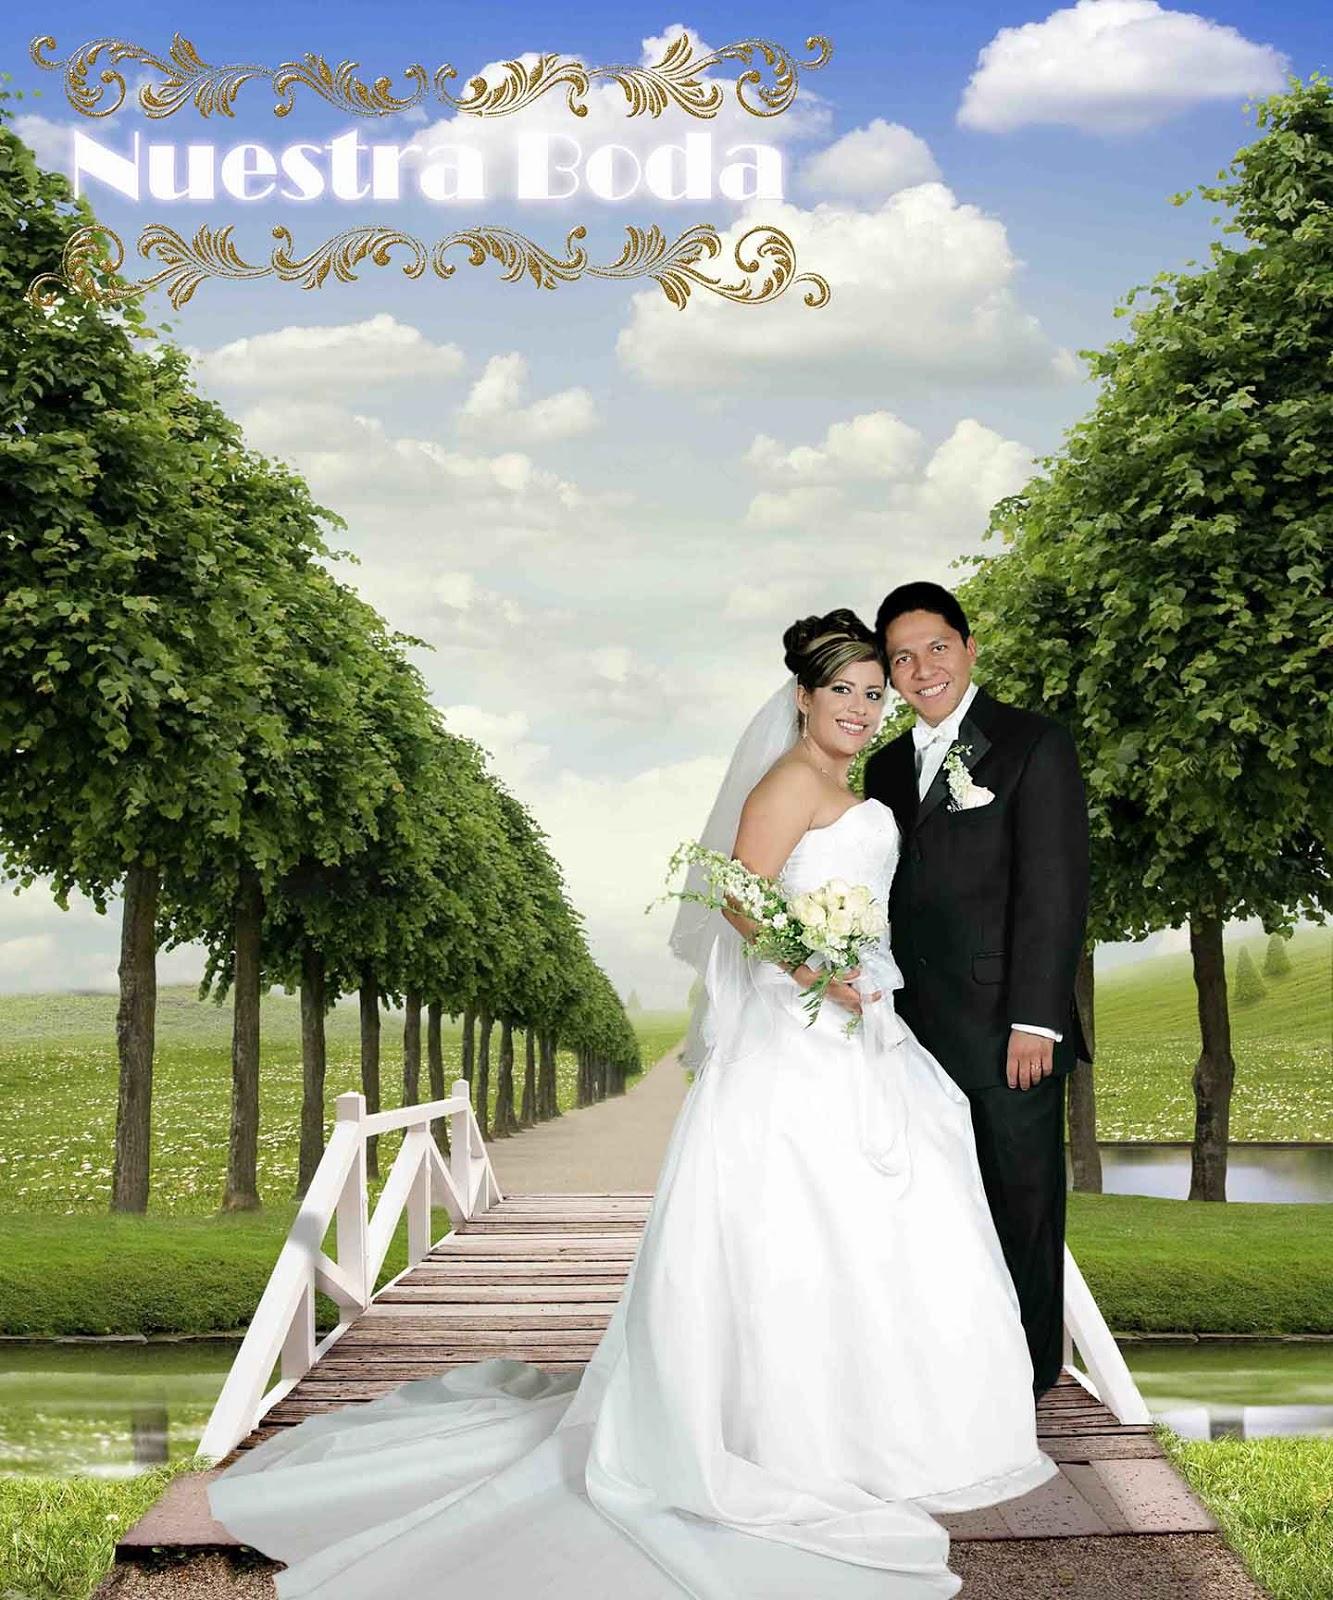 Fondos de boda psd - Imagui